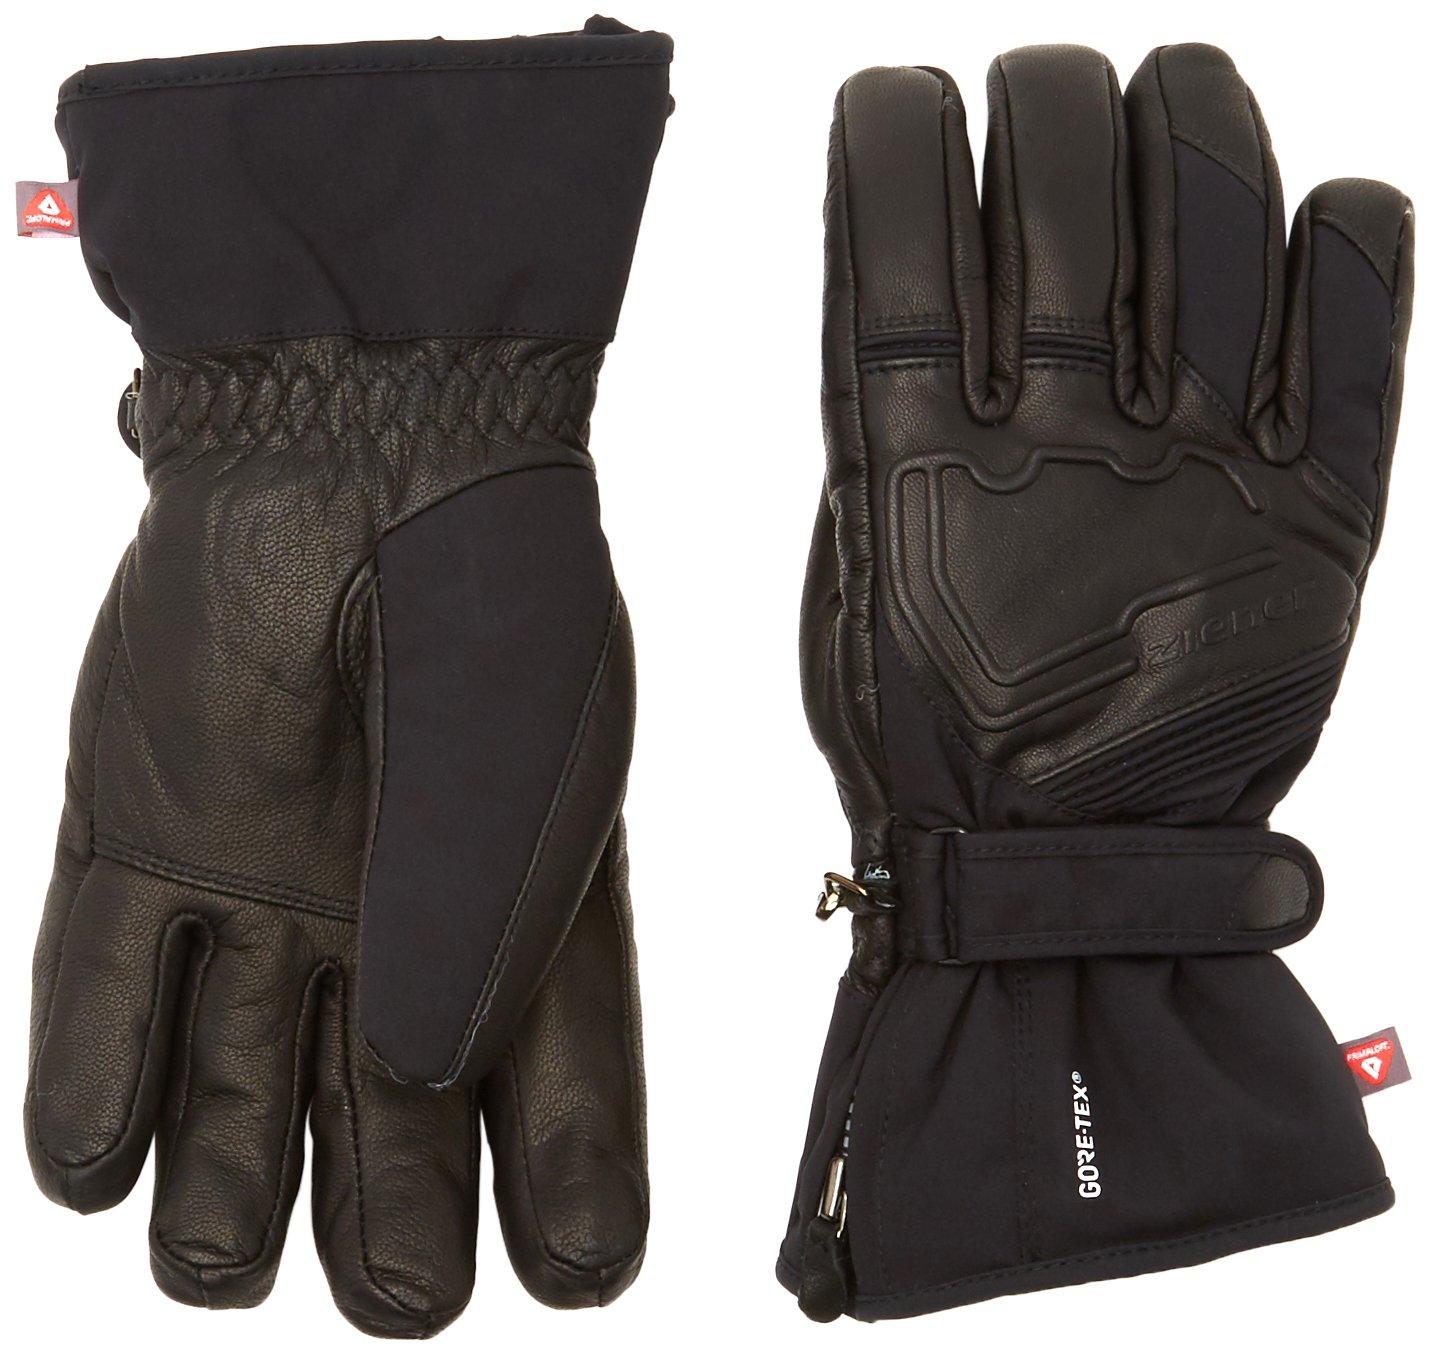 Ziener Herren Gigolosso GTX(r)+Gore Warm Pr Glove Ski Alpine Skihandschuh